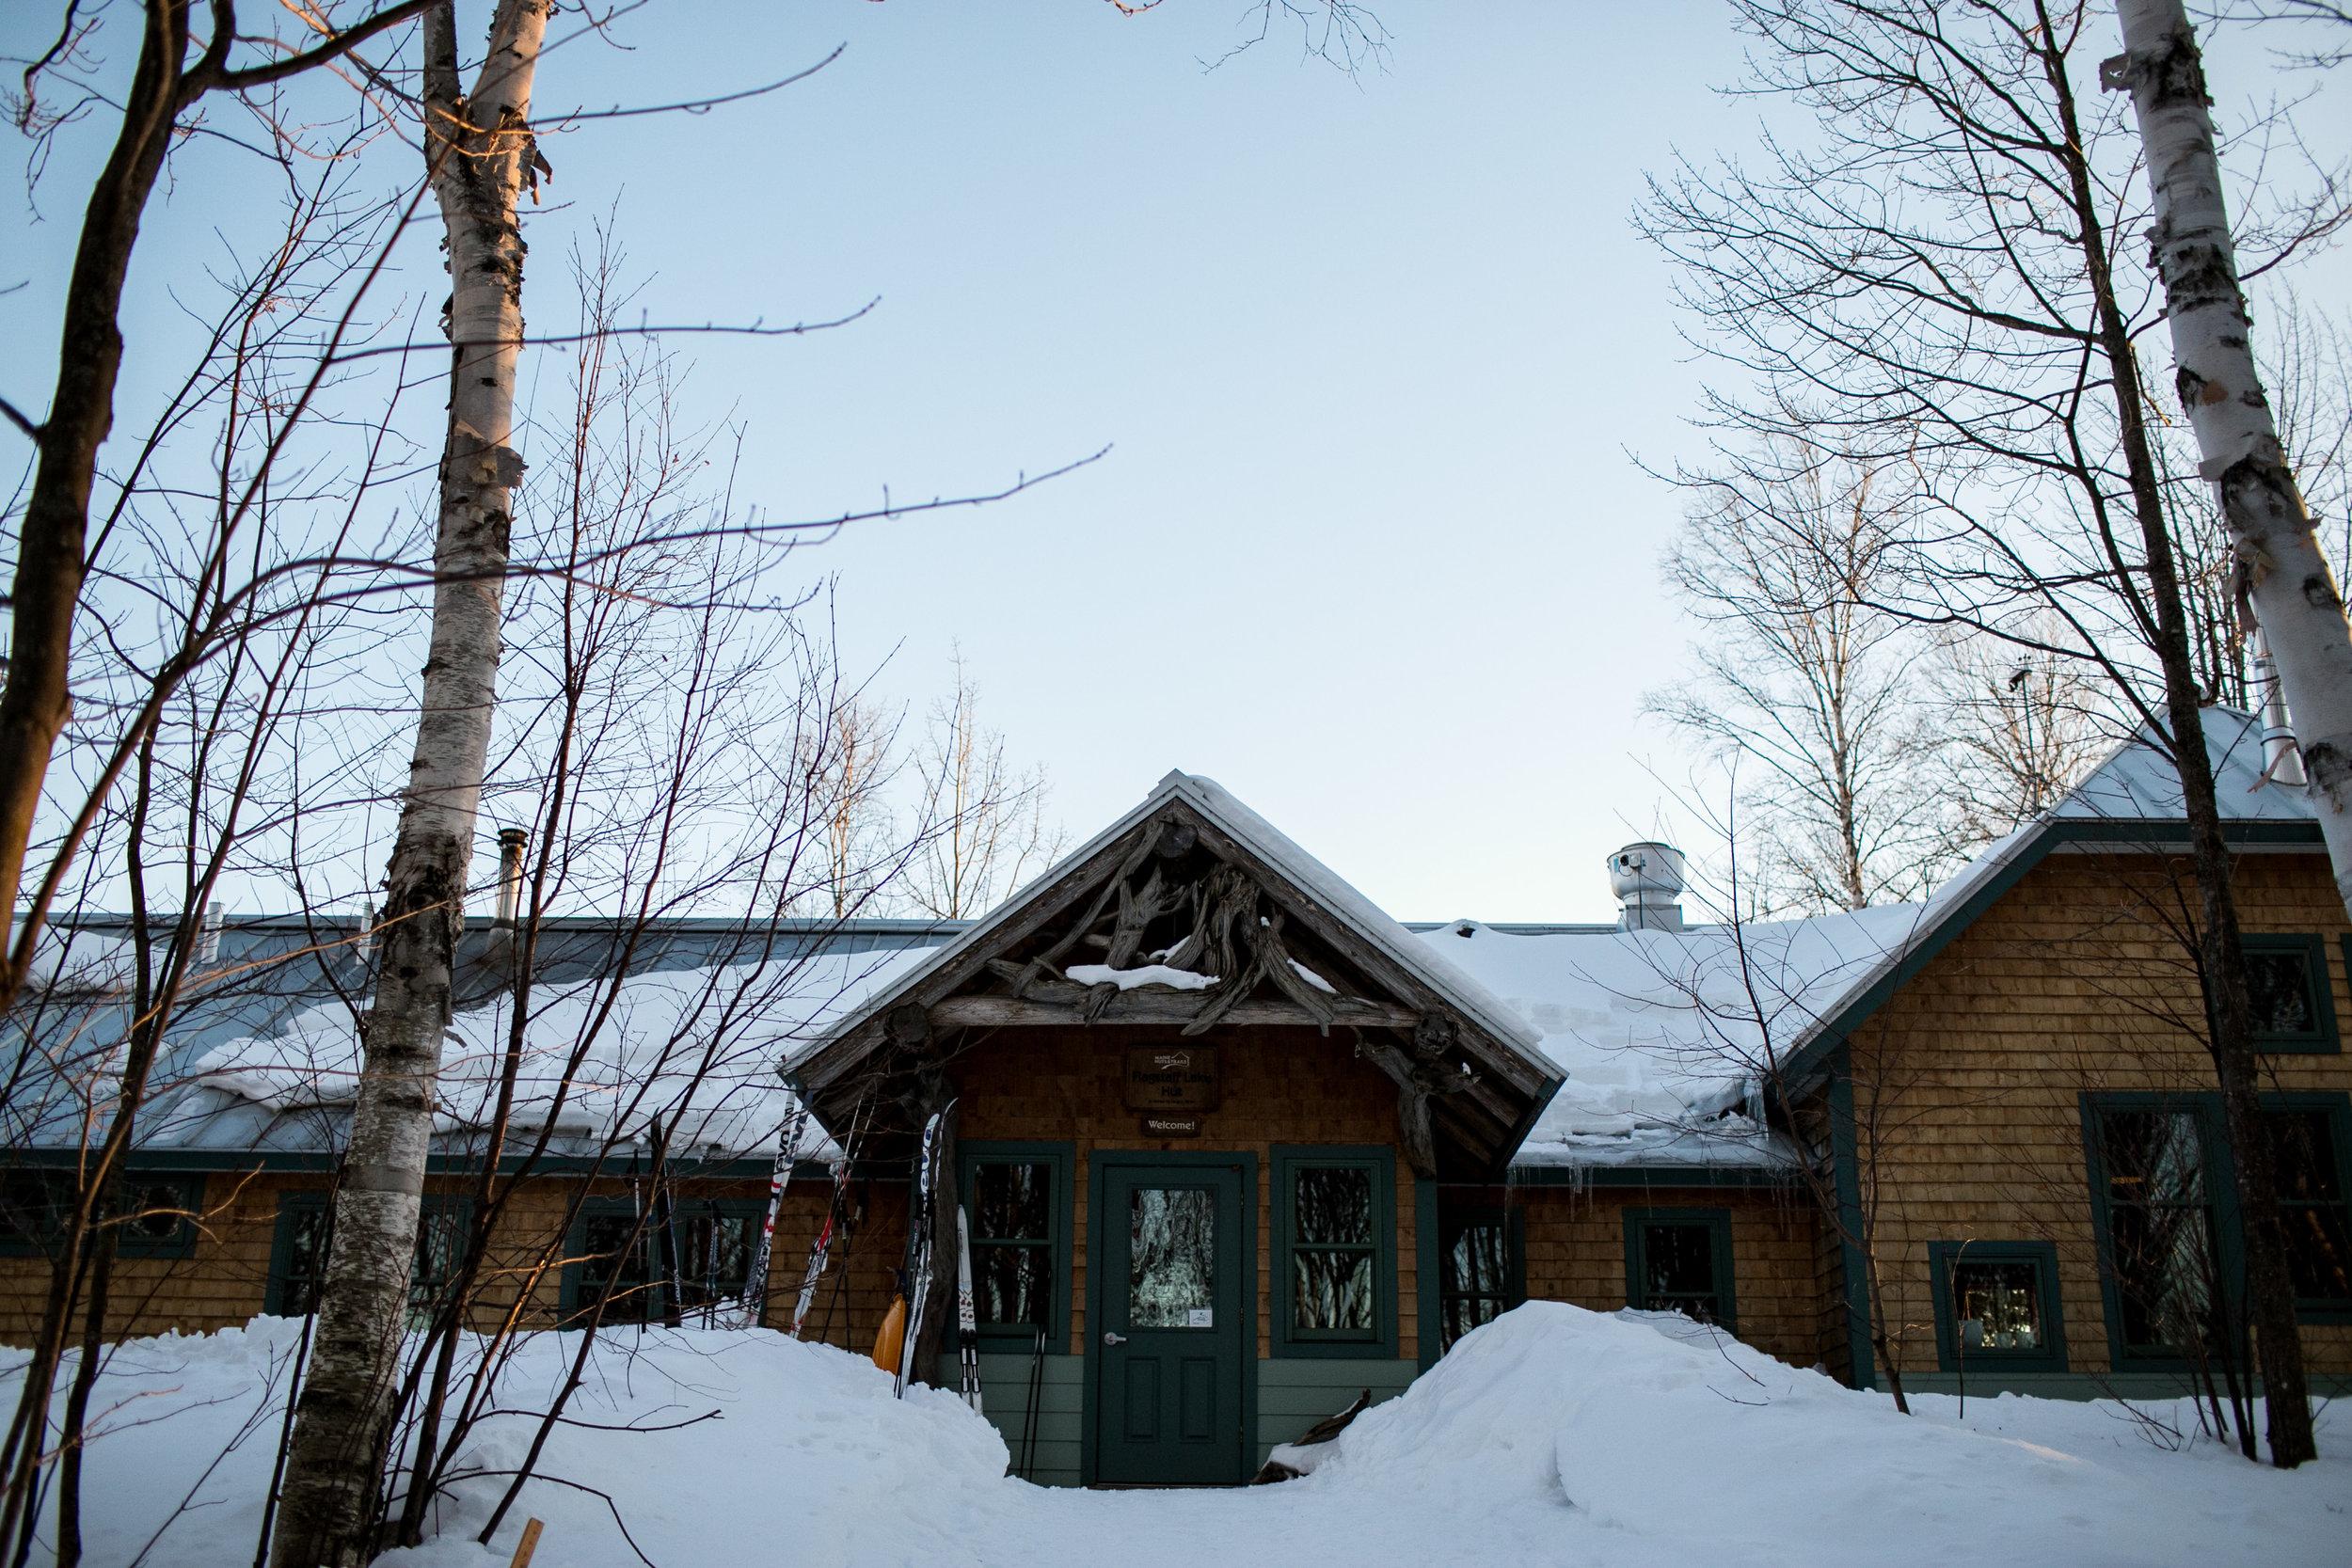 Until next time, Flagstaff Hut!